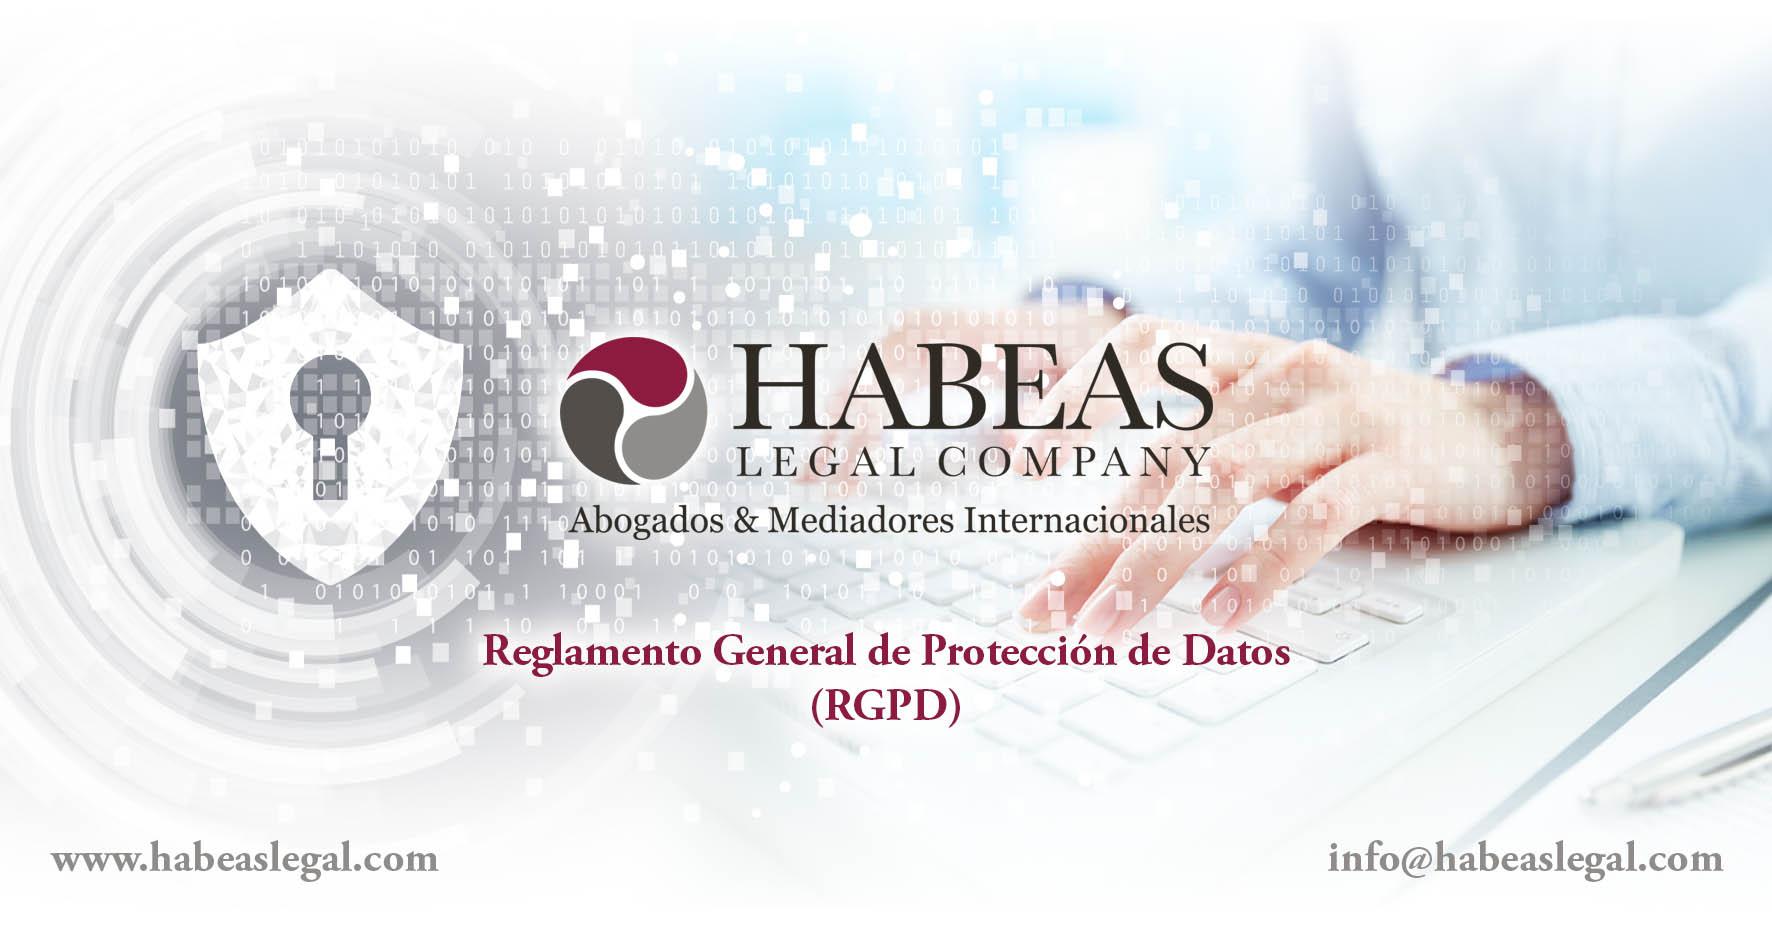 Proteccion Datos Habeas Legal blog - ¿Cuáles son los principios legales sobre la implementación del RGPD en Habeas Legal?